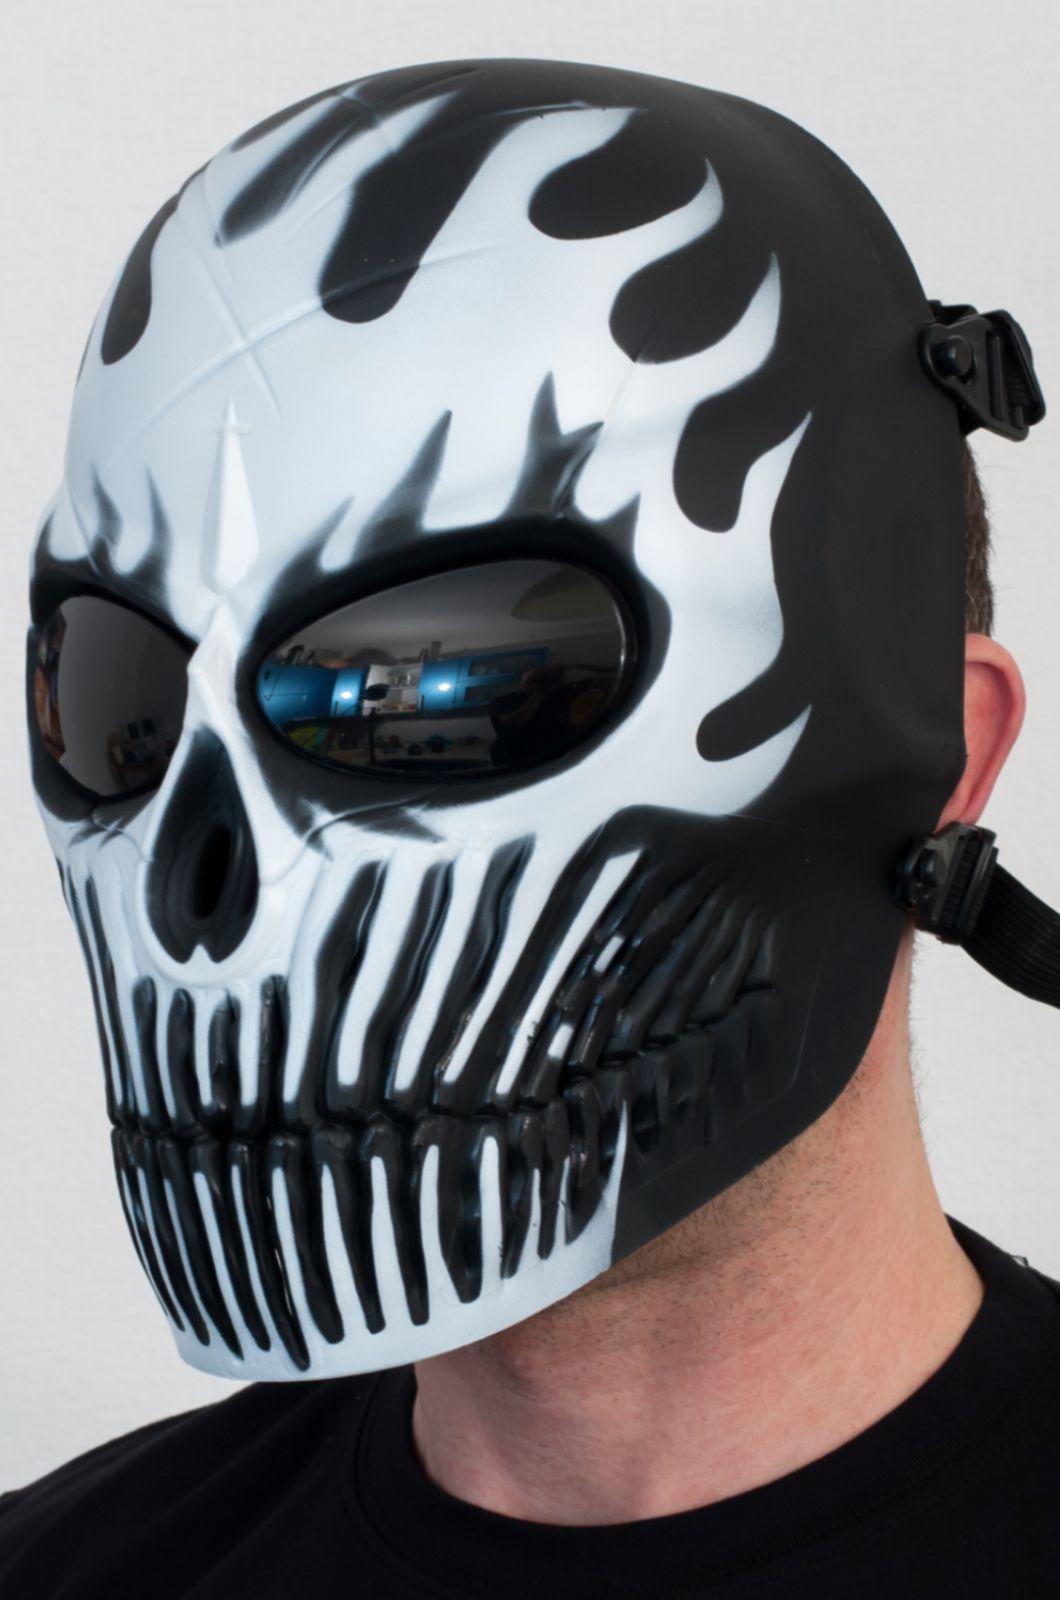 Защитная маска для пейнтбола на выгодных условиях приобретения